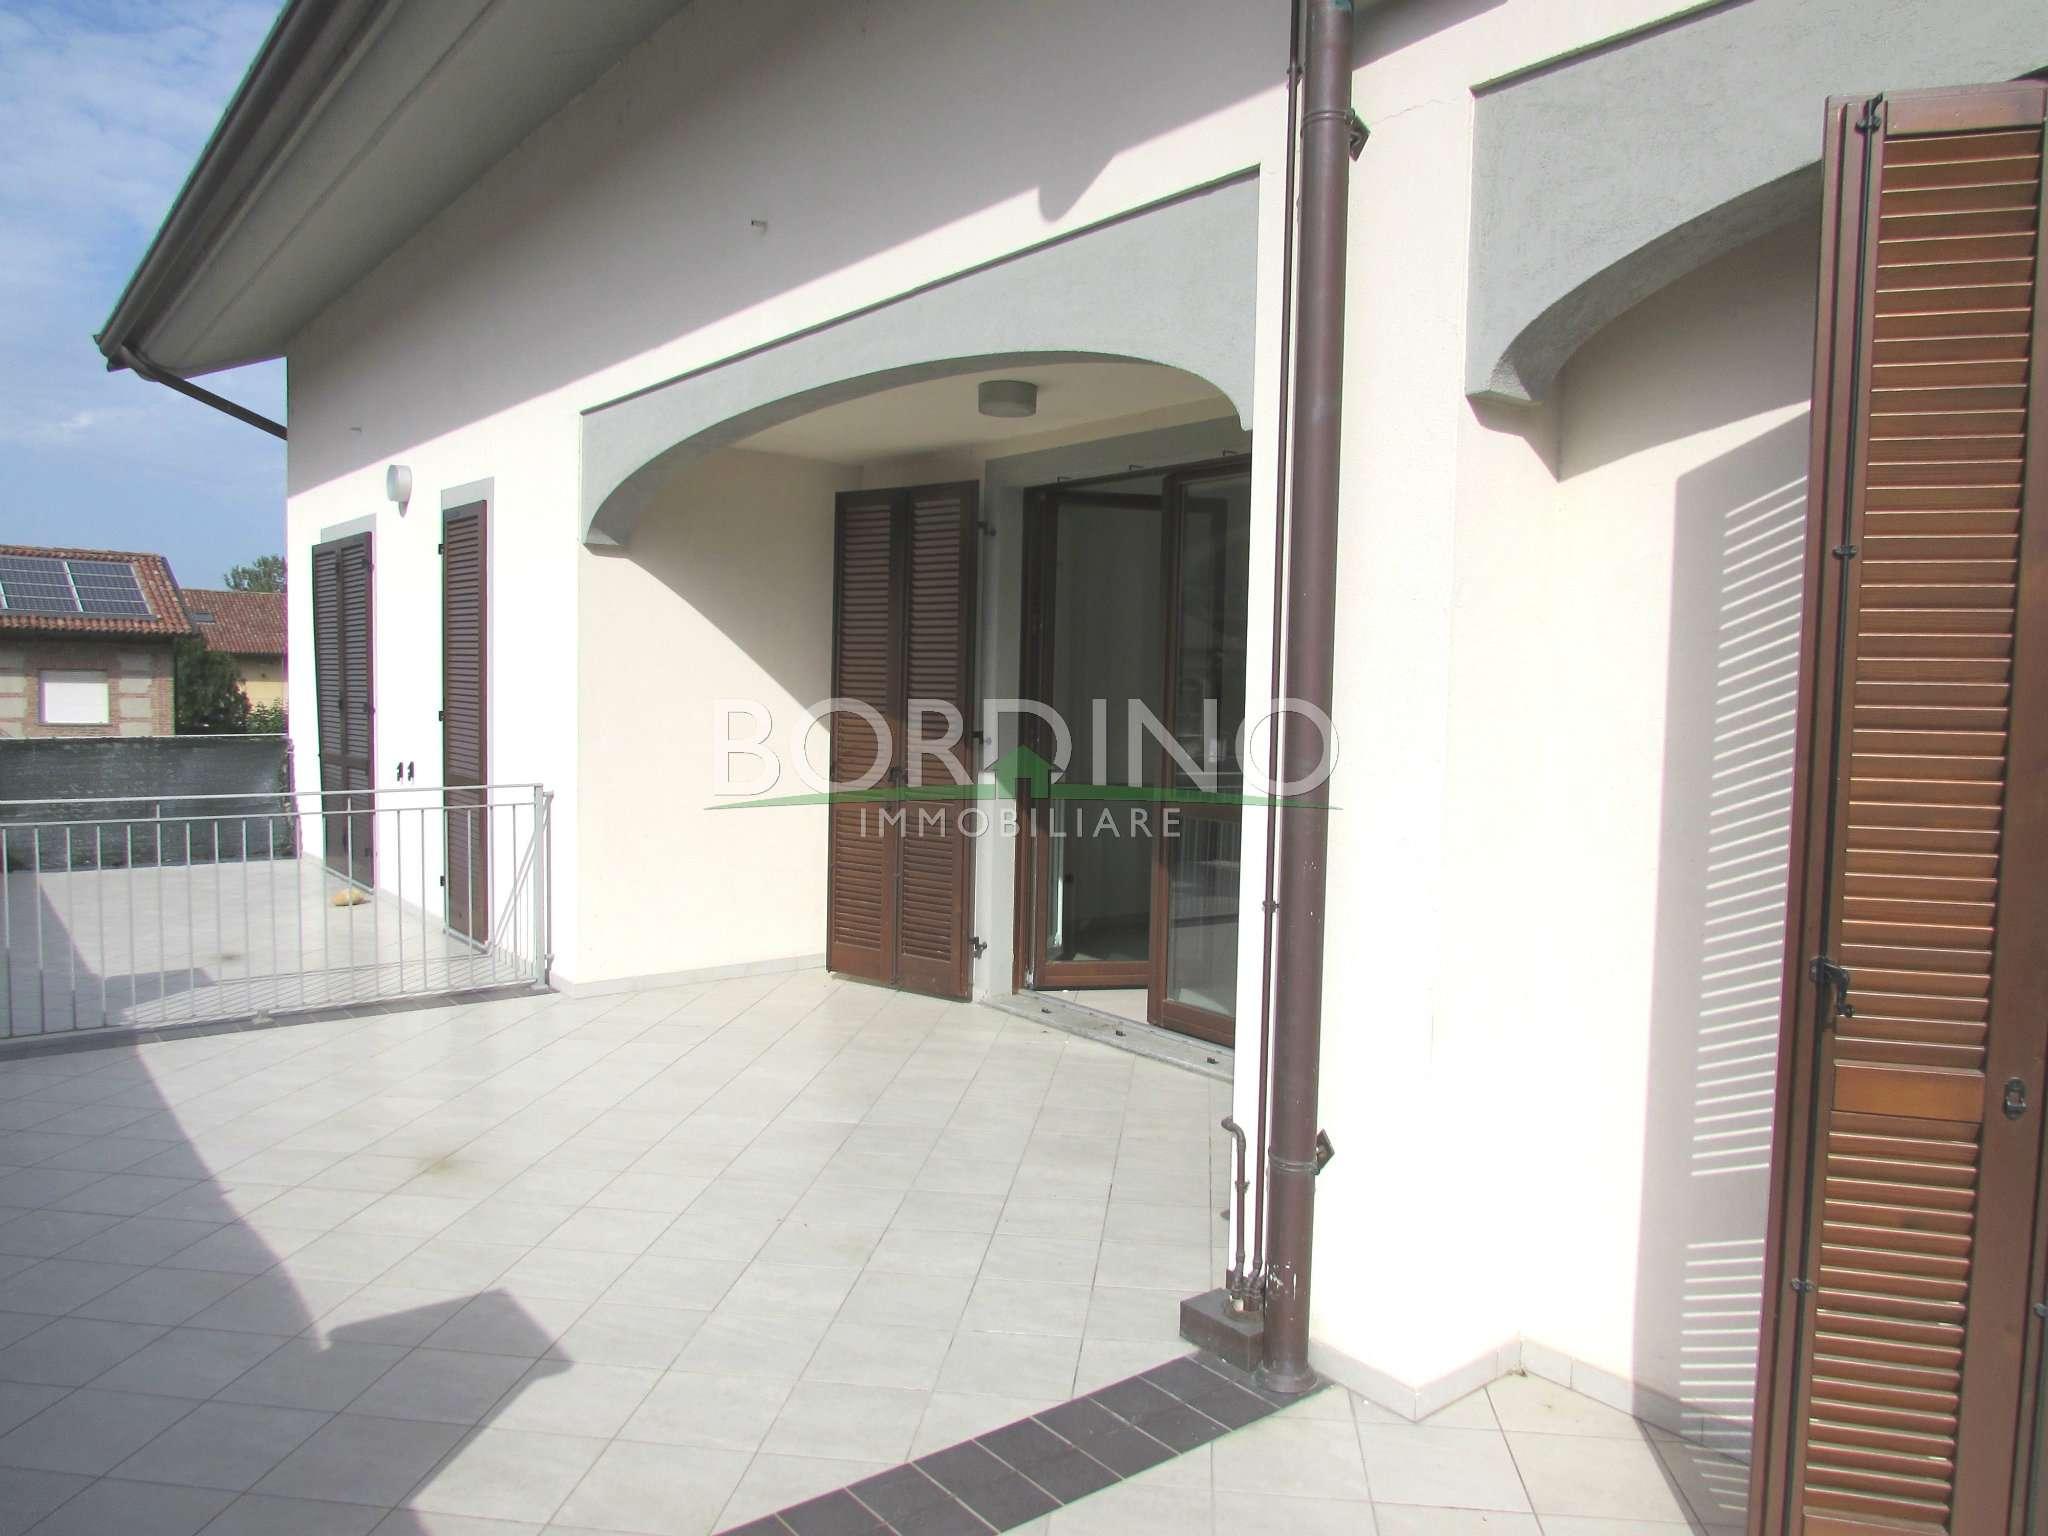 Appartamento in affitto a Magliano Alfieri, 2 locali, prezzo € 380 | CambioCasa.it